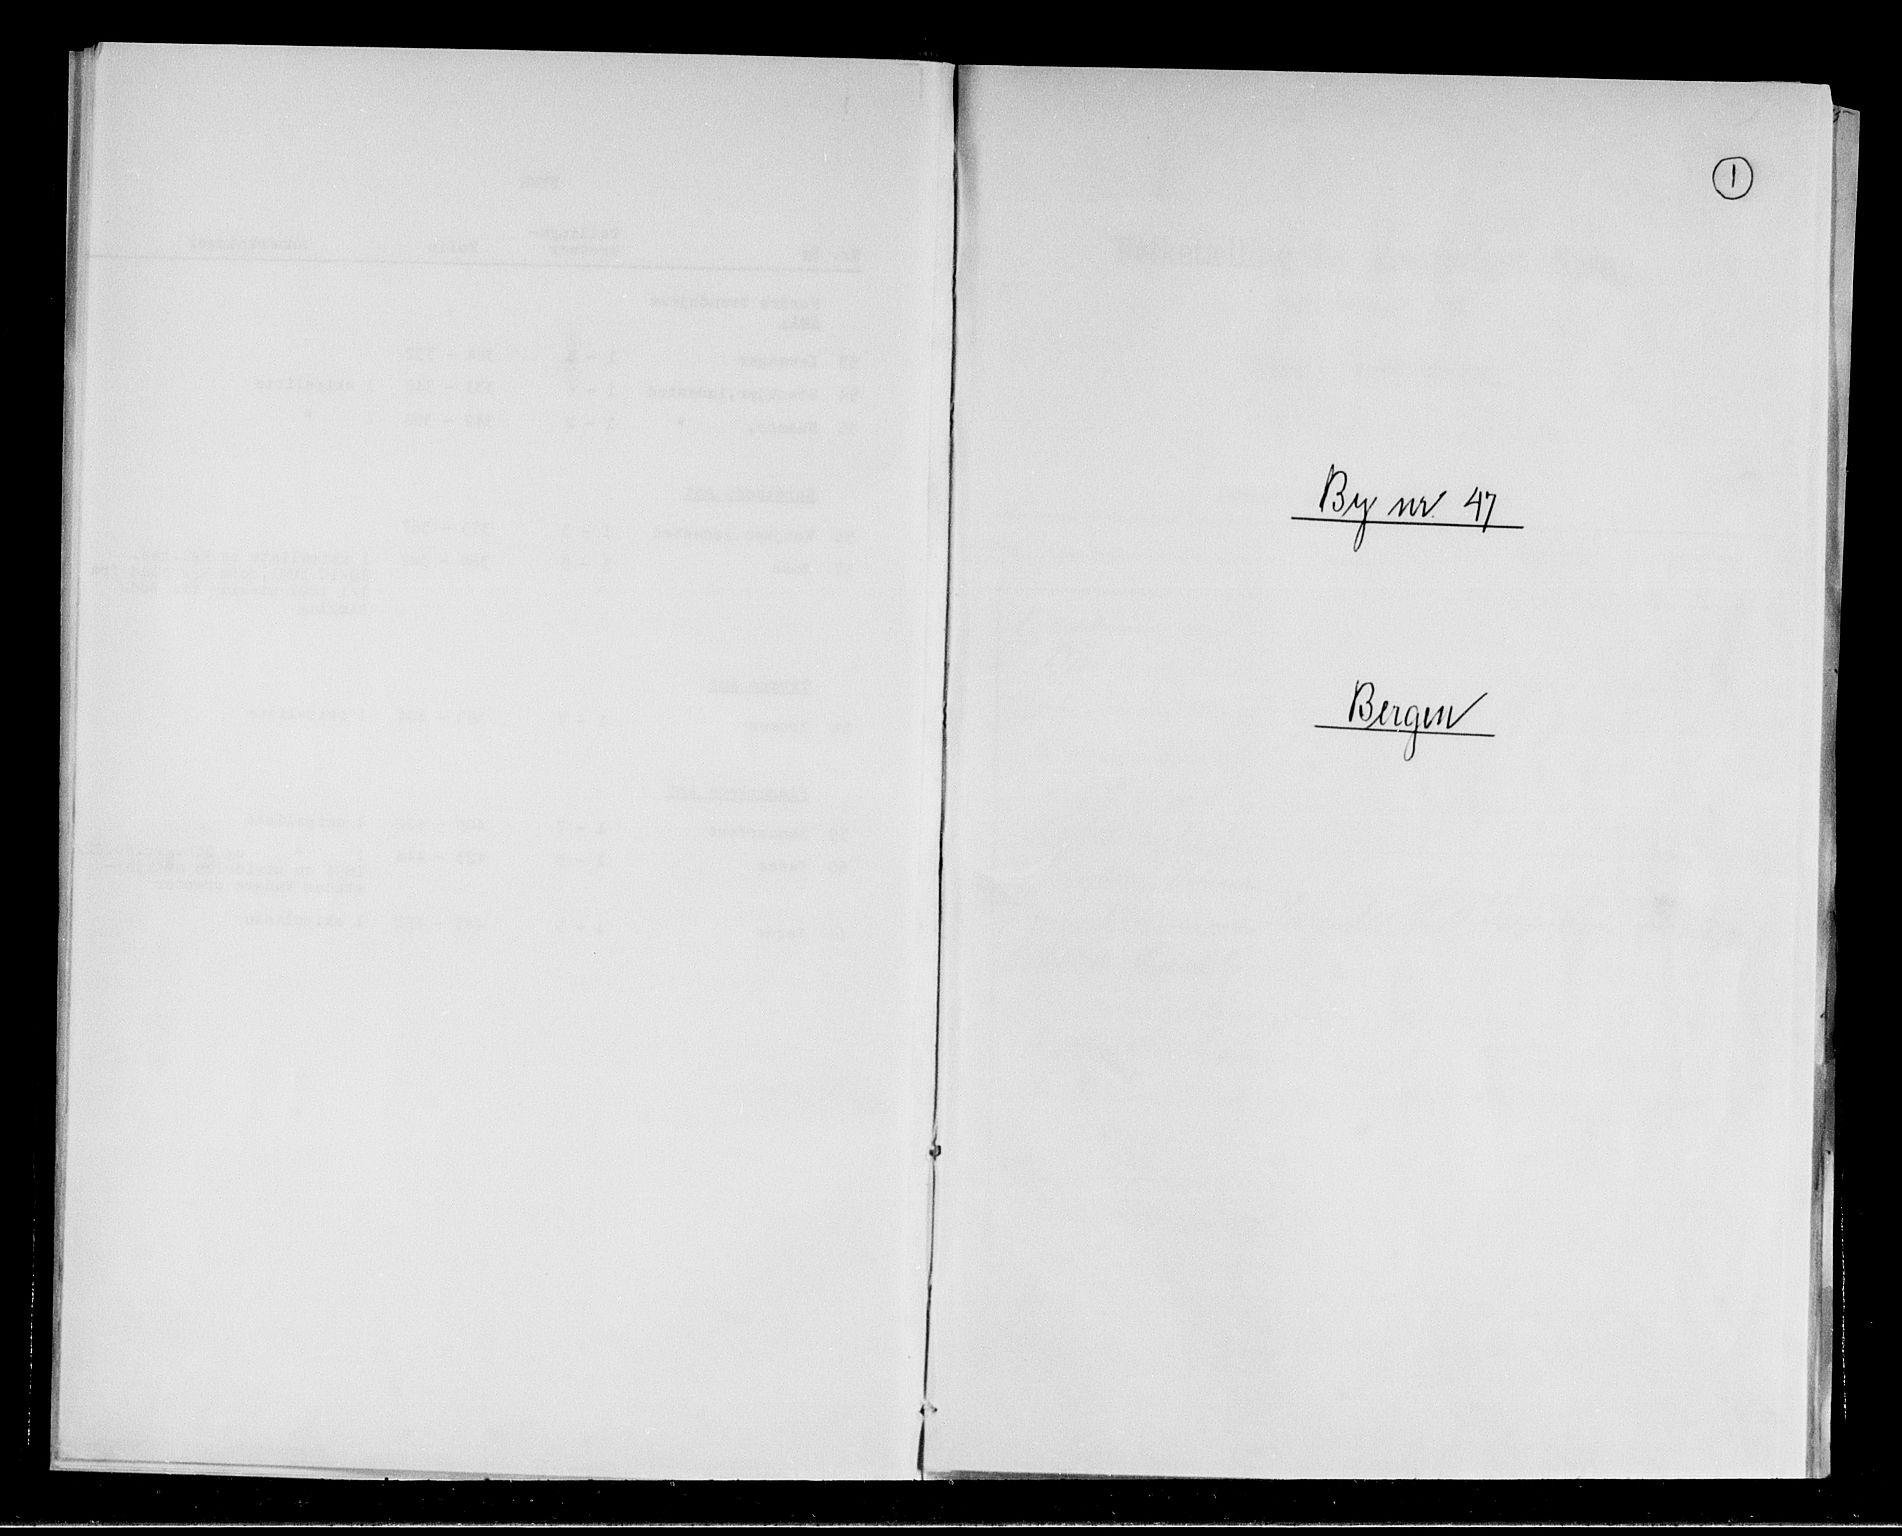 RA, Folketelling 1891 for 1301 Bergen kjøpstad, 1891, s. 1